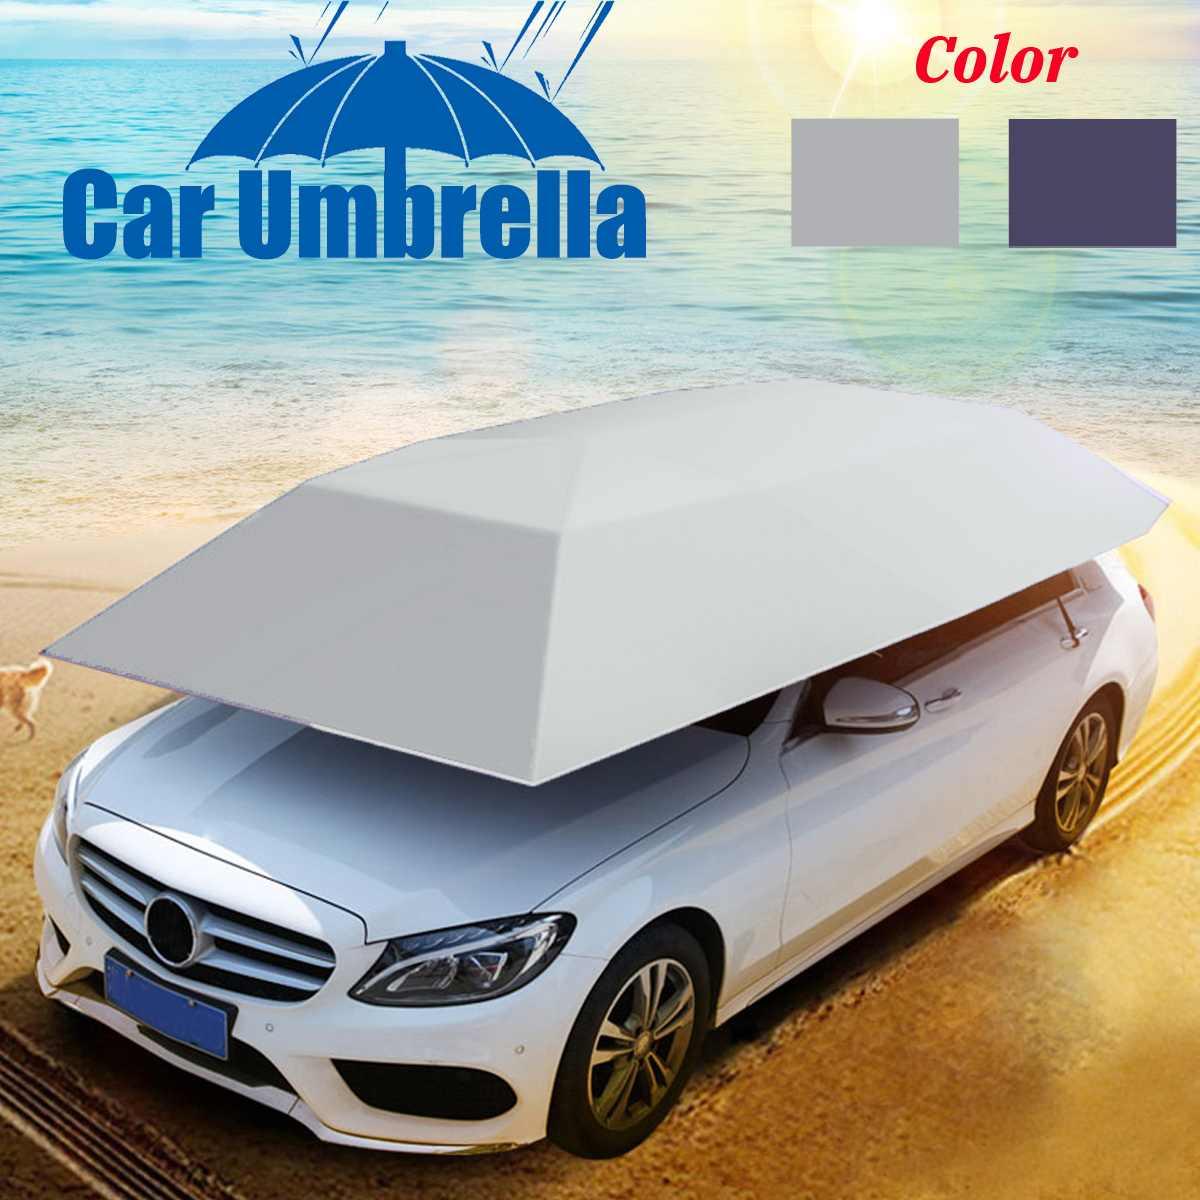 Outdoor Auto Fahrzeug Zelt Auto/Picknick Regenschirm Winddicht Tasten Oxford Tuch Sonnenschutz Regenschirm Auto Auto Abdeckung 4*2,1 m (Keine halterung)